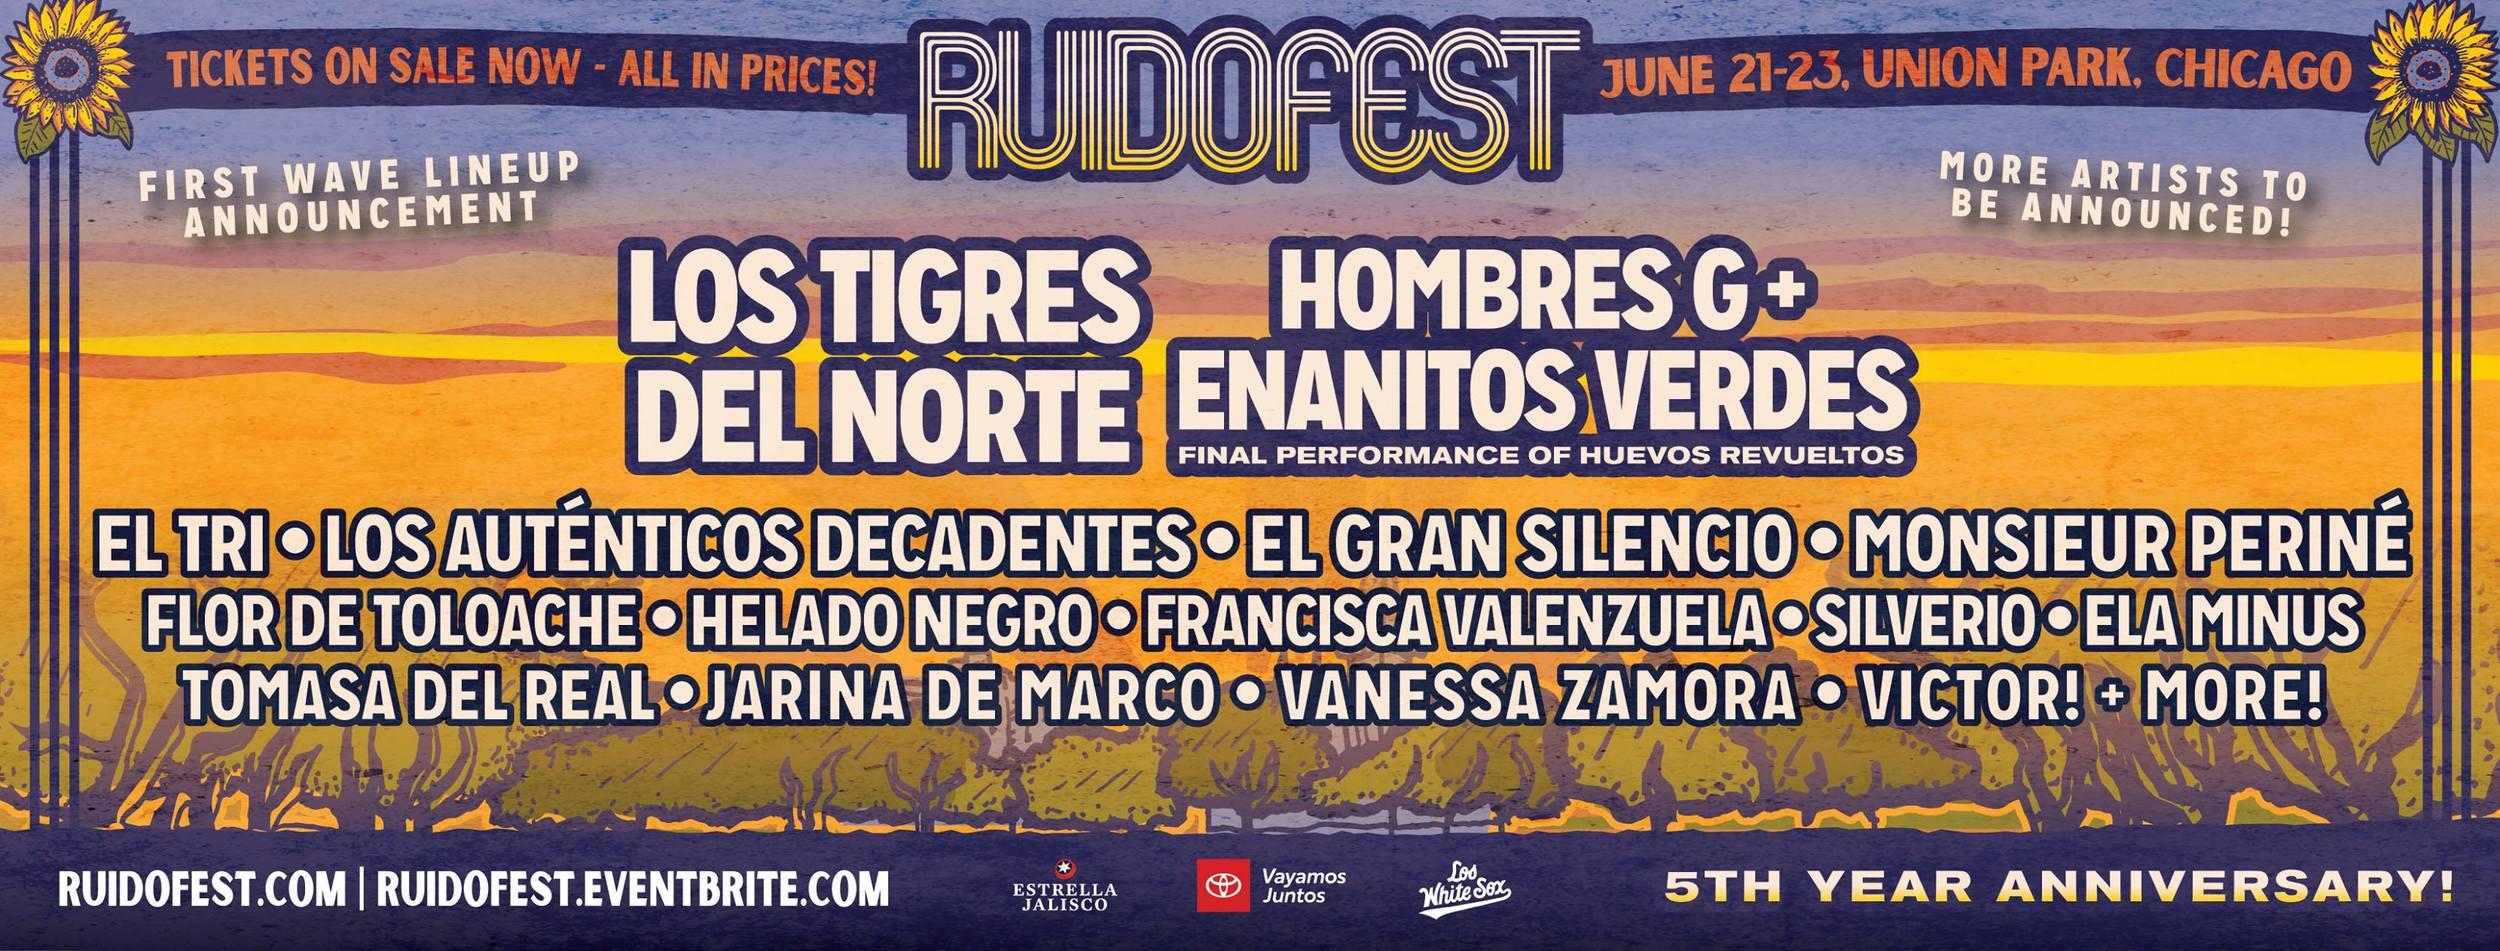 Latin Music Festivals Chicago